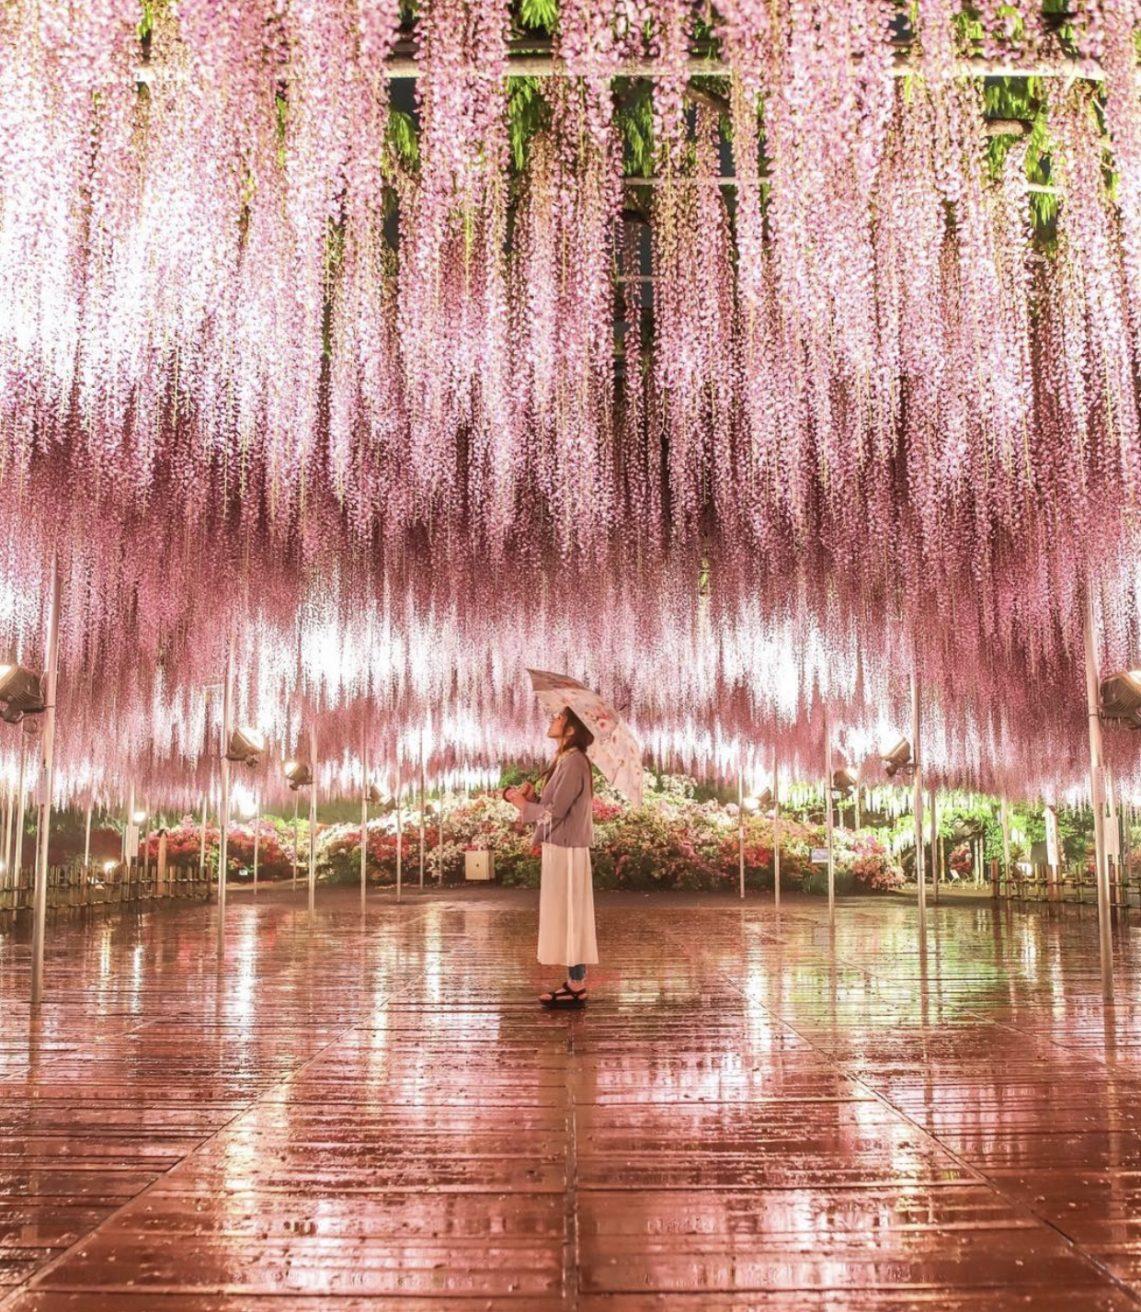 Il parco giapponese di Ashikaga ragazza sotto glicini rosa ashikaga Il mio viaggio in Giappone traveltherapists blog giappone elina e marzia blogger miglior blog di viaggio